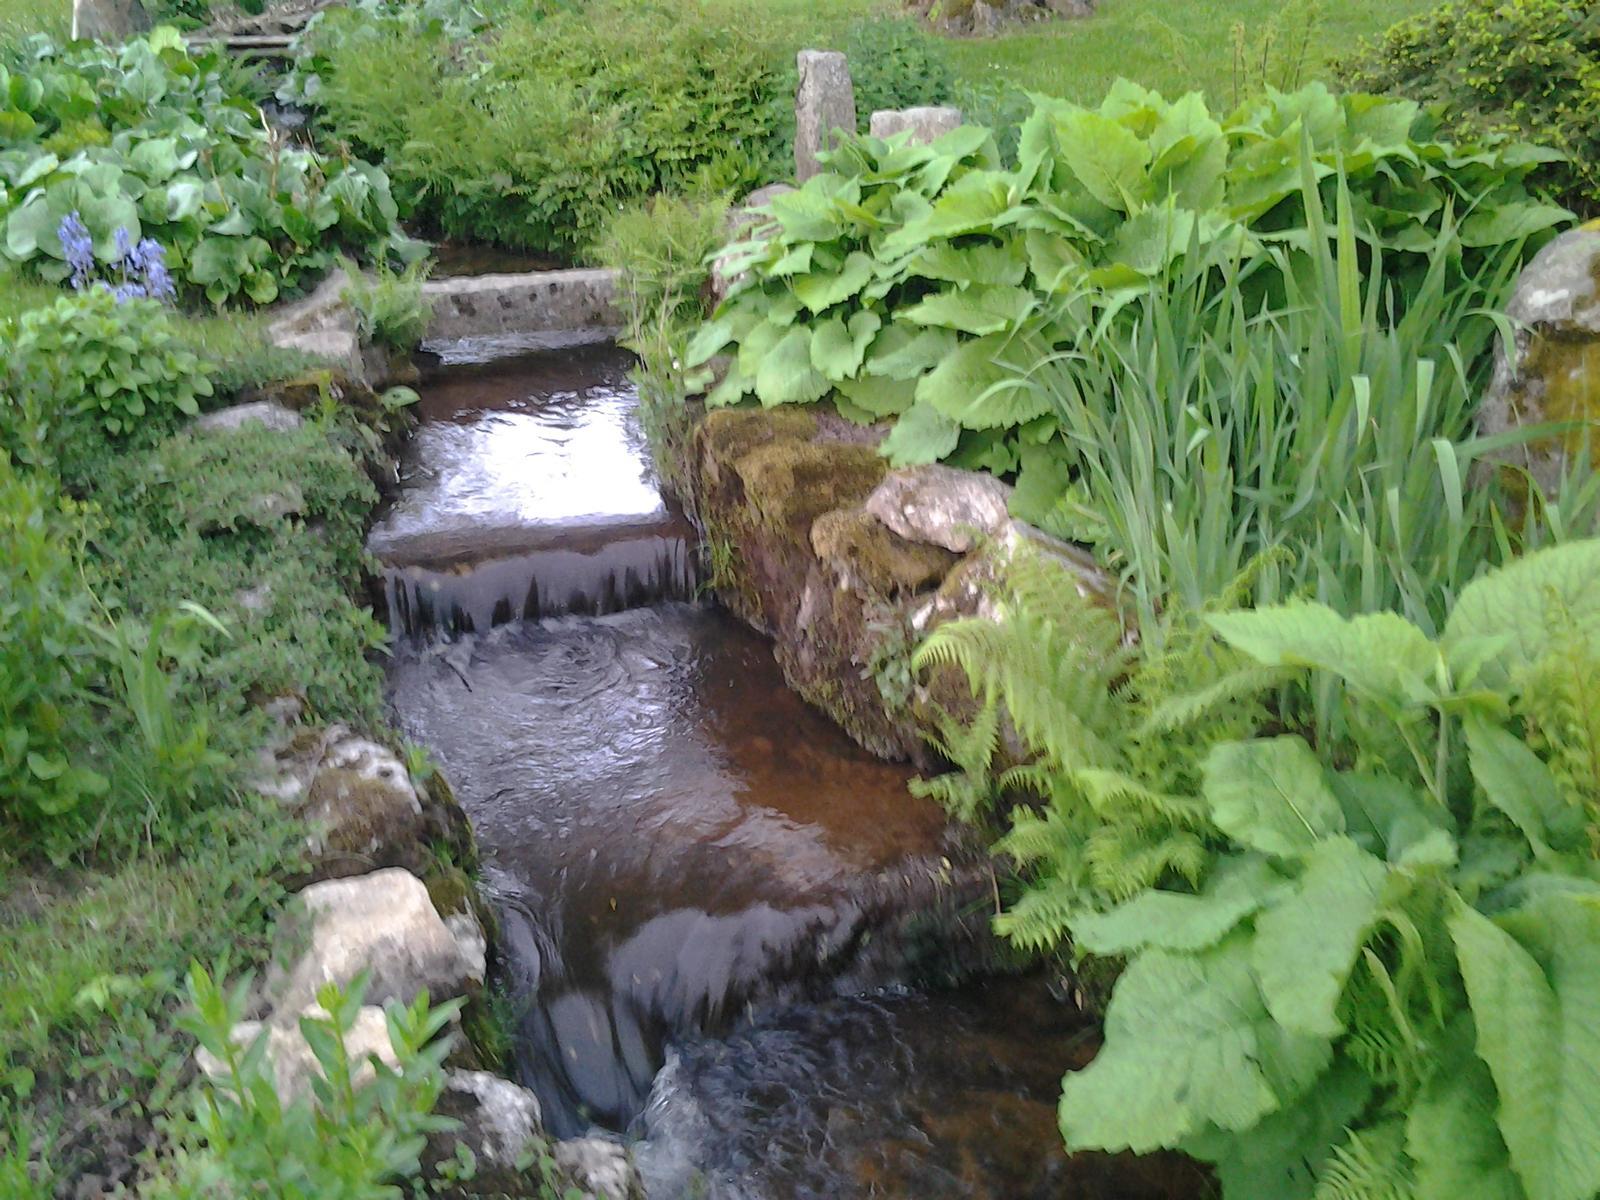 Jihočeská venkovská zahrada. - Celou zahradou nám protéká potok.